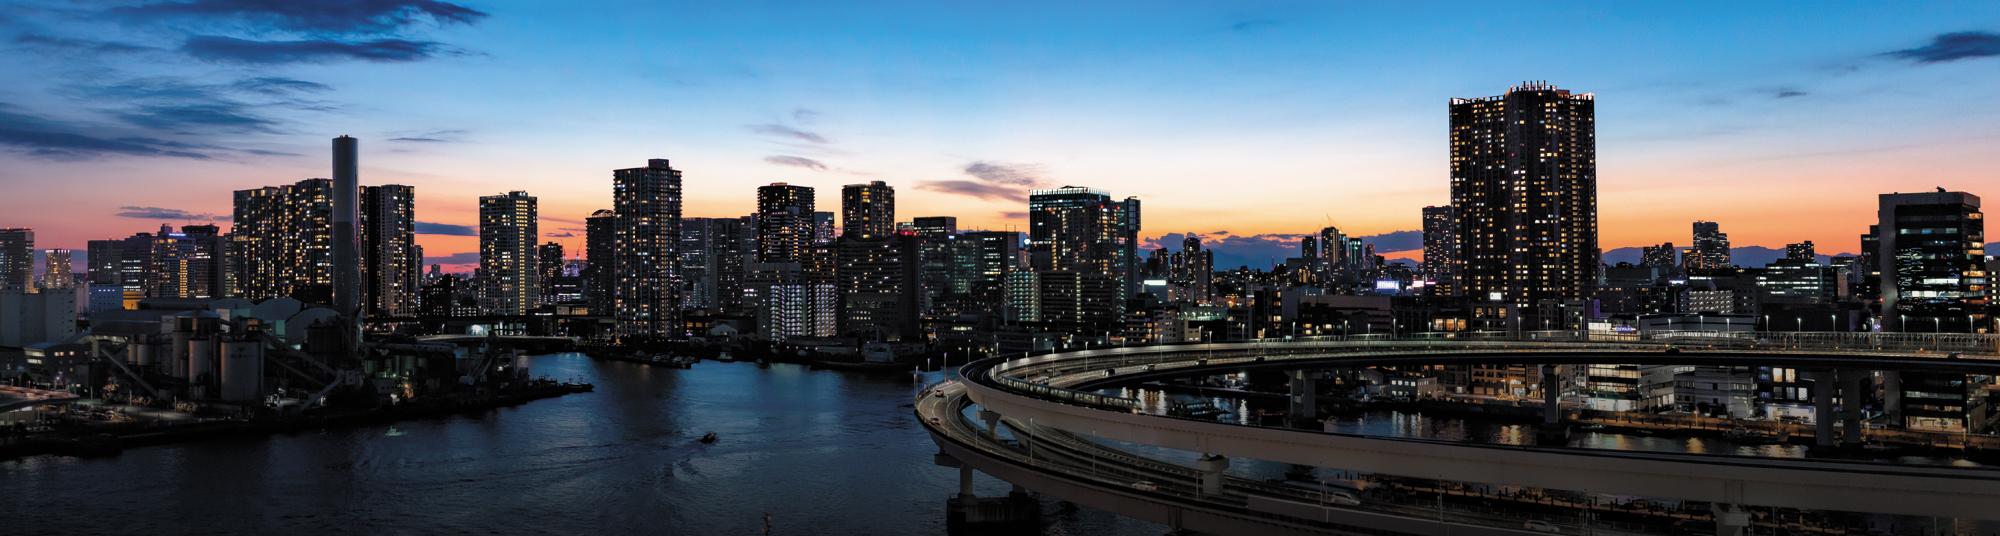 Мечтаете об учебе в Японии? У нас есть для вас интересное предложение! <br> Подробности по ссылке!